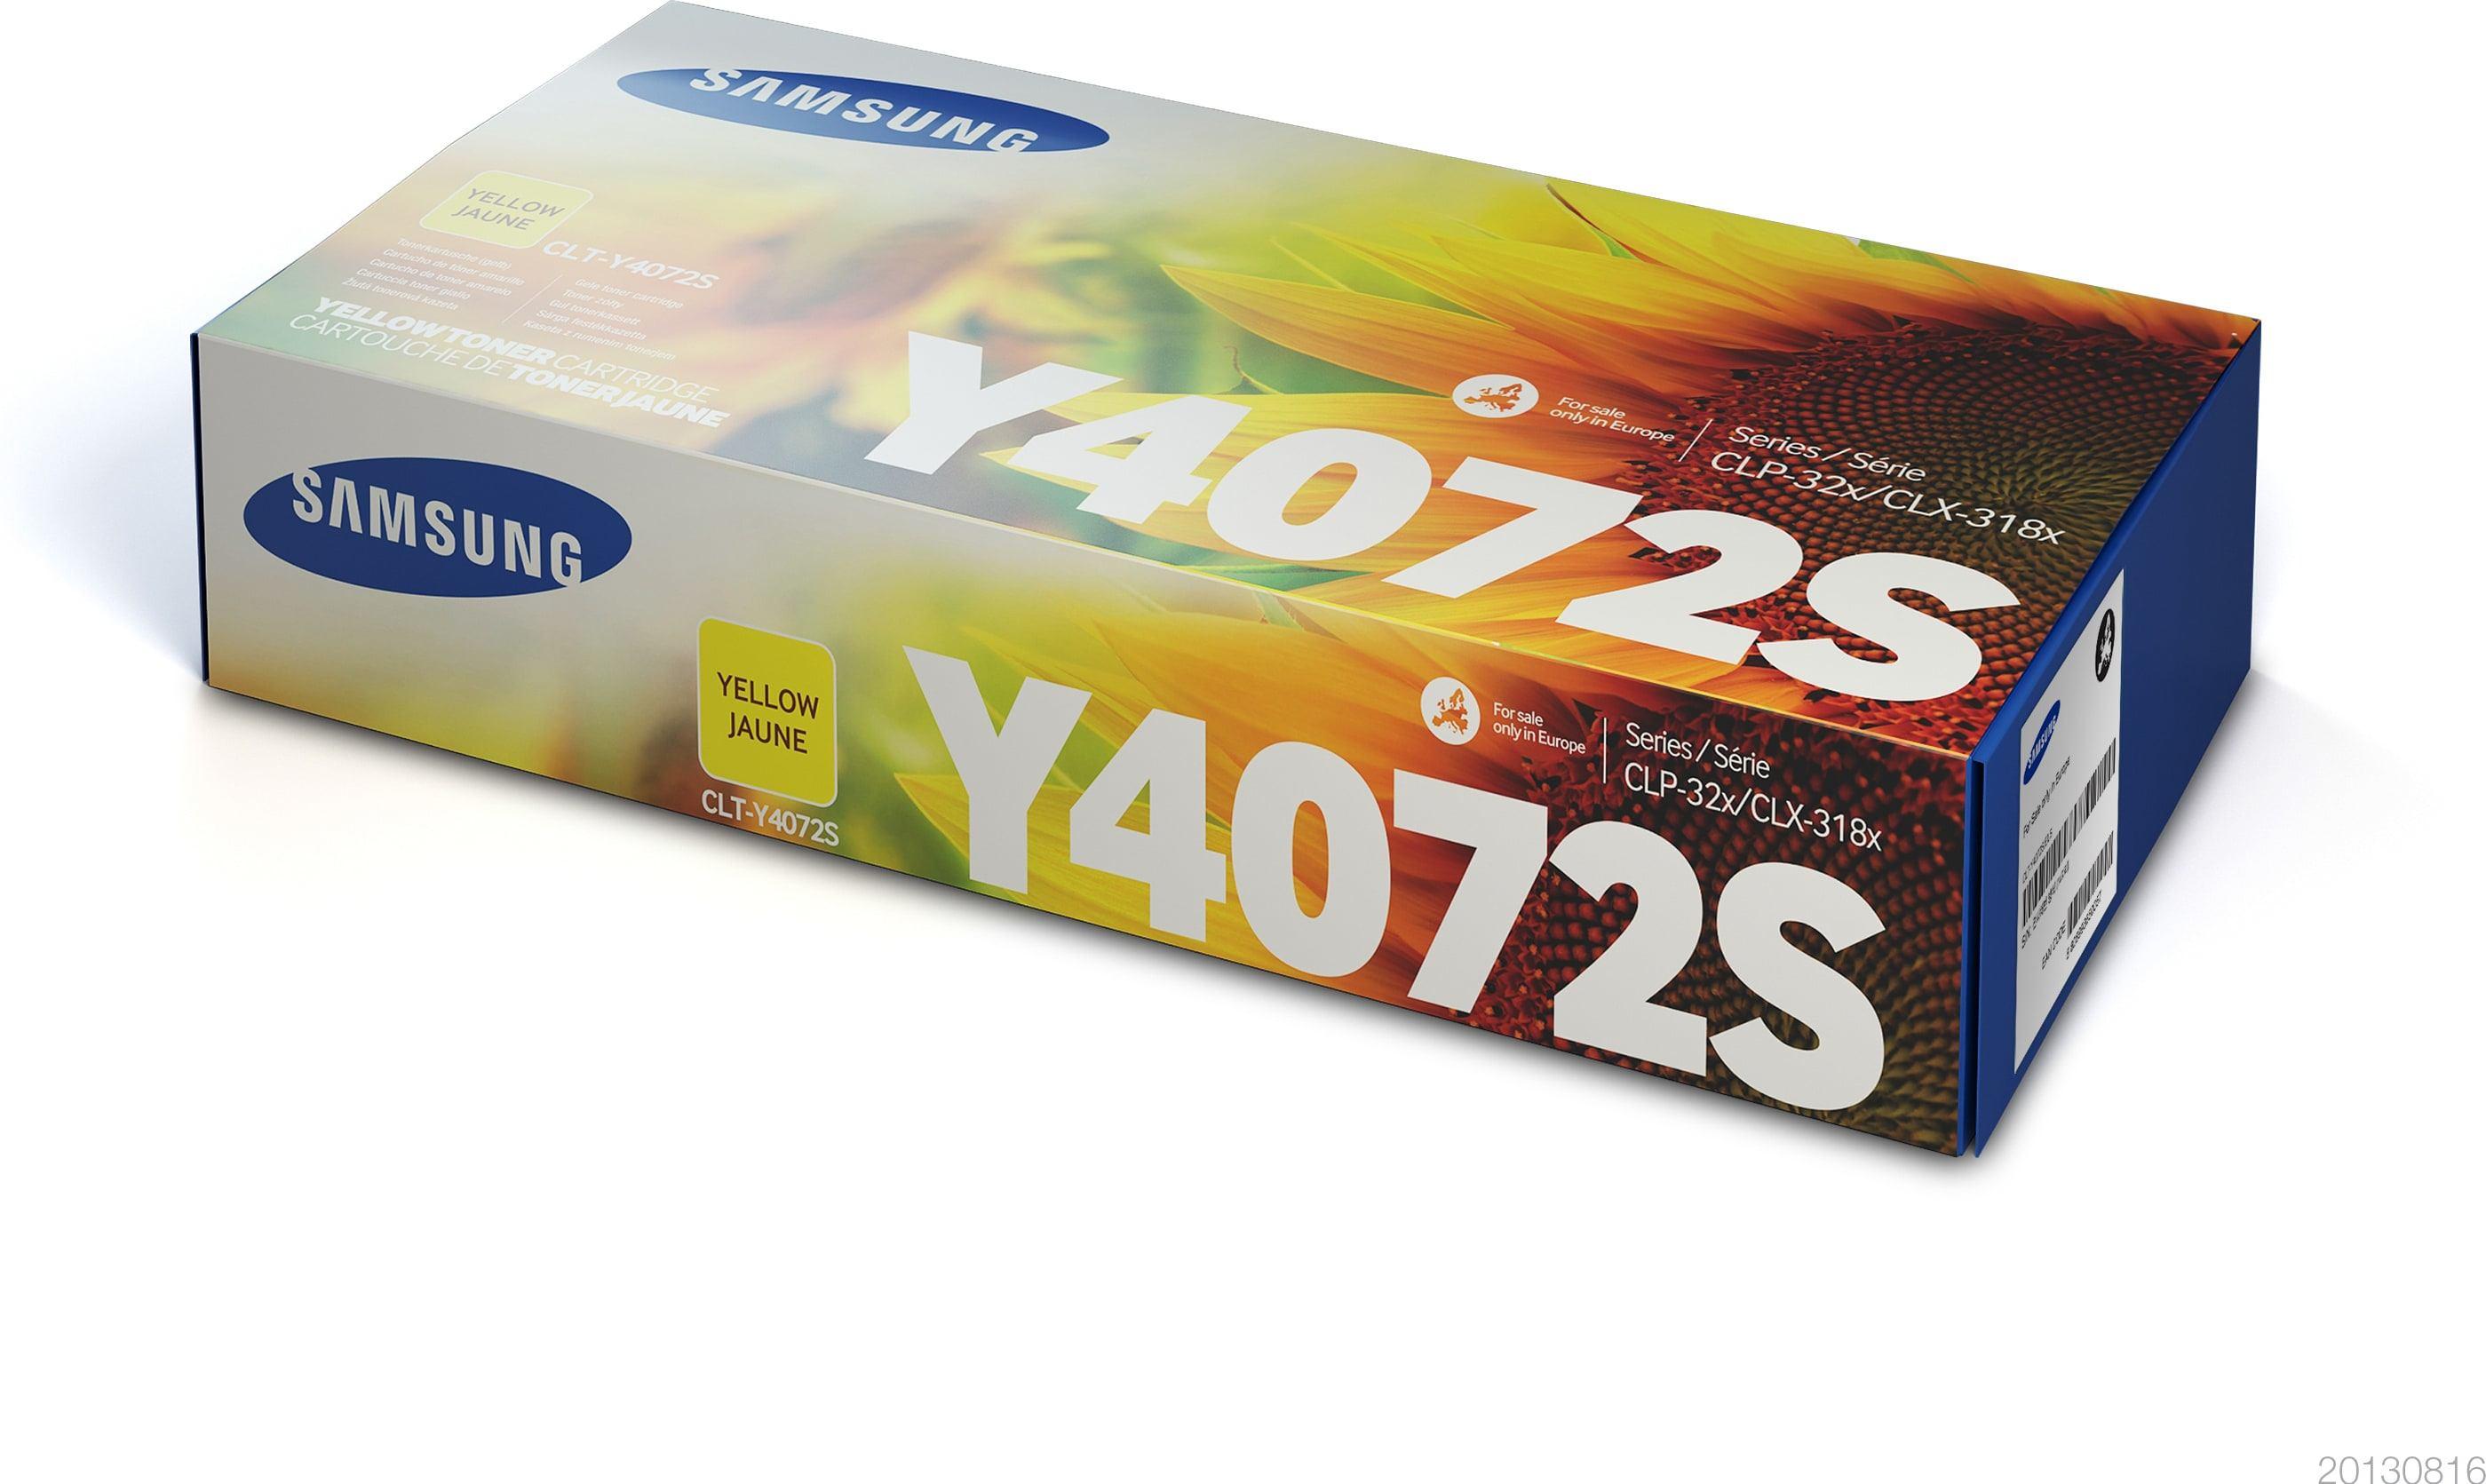 2022274-HP-CLT-Y4072S-Originale-Giallo-1-pezzo-i-Samsung-CLT-Y4072S-Yel-Toner